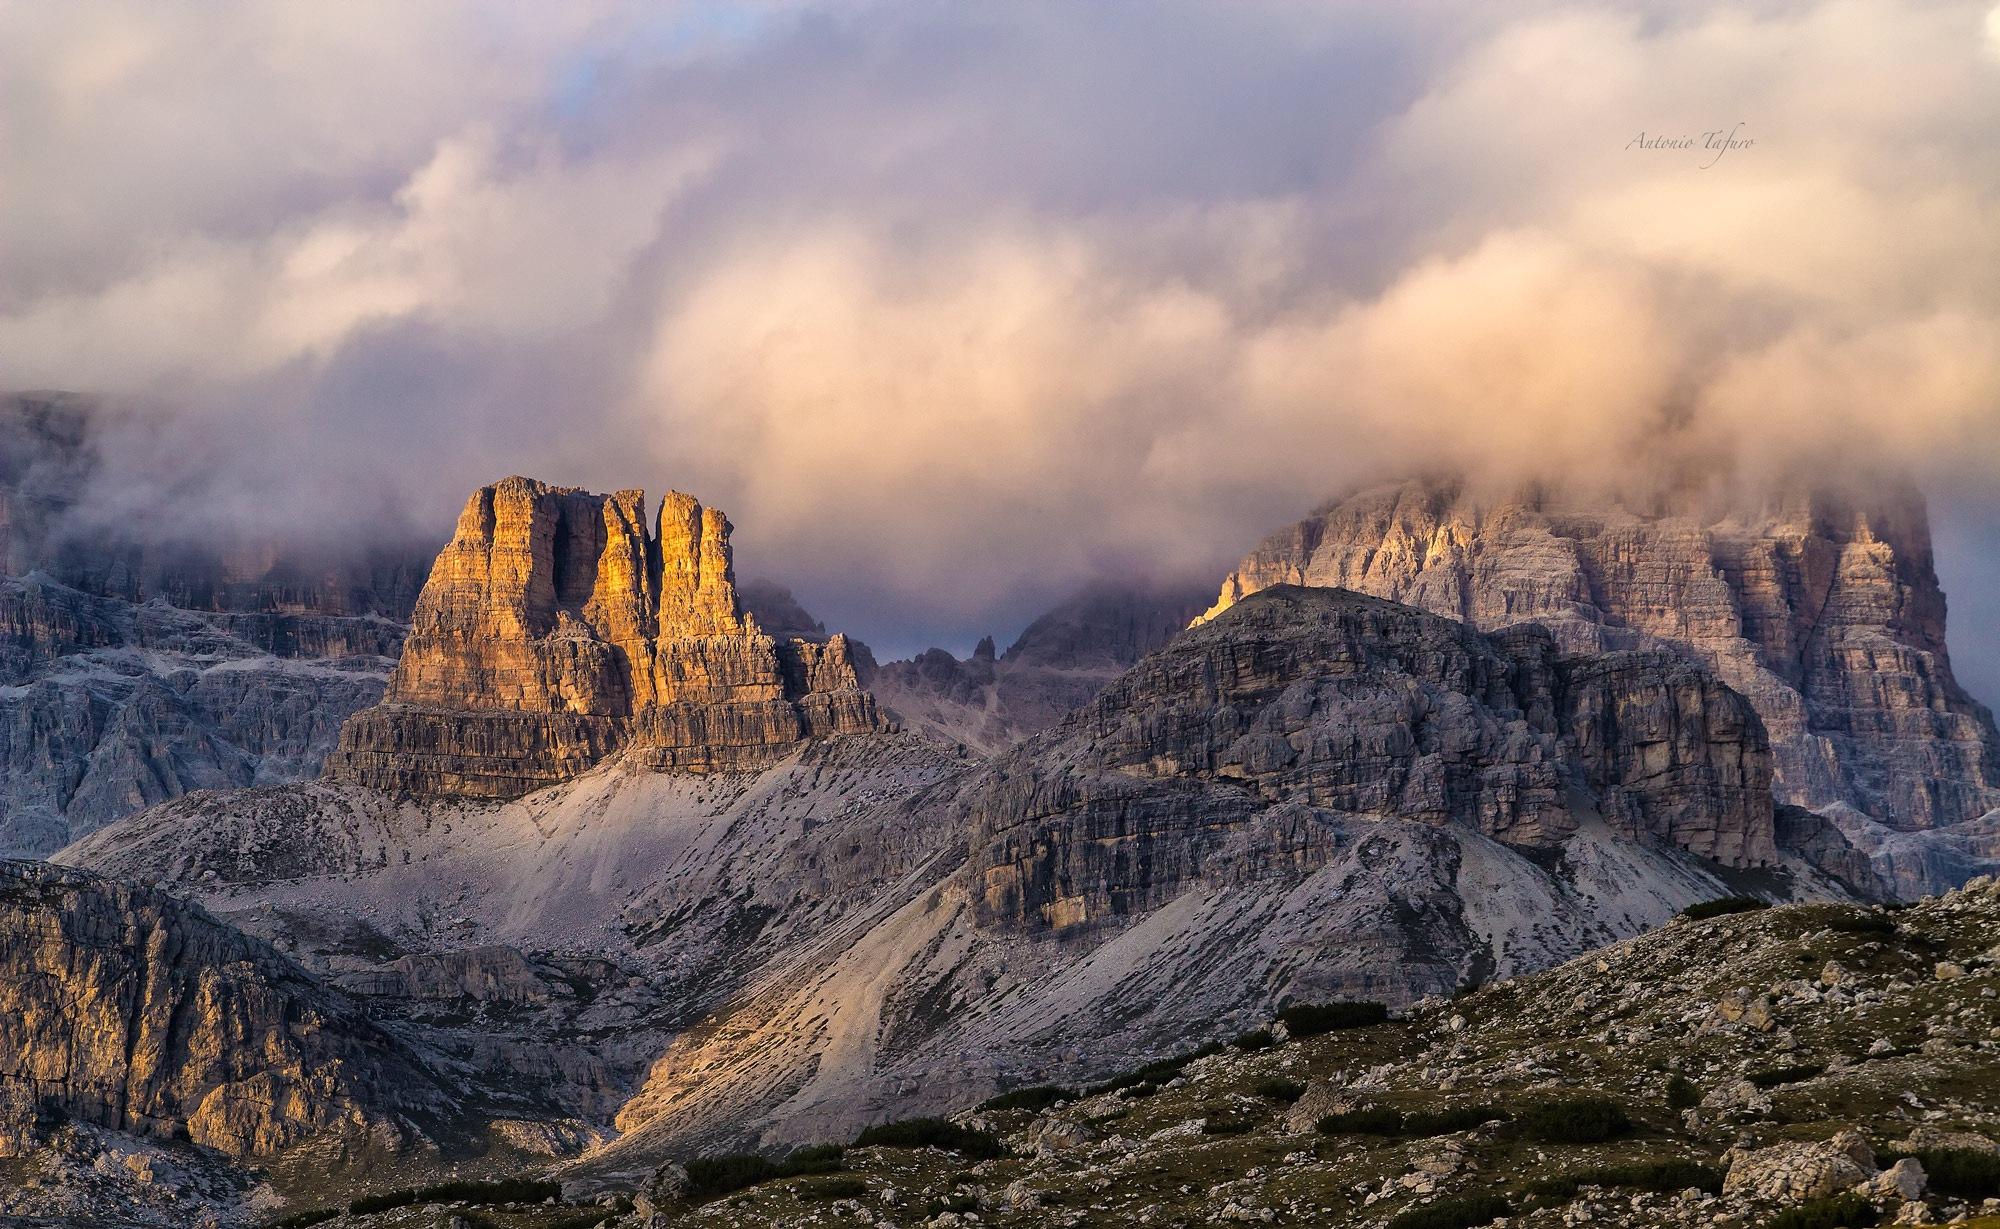 parco naturale tre cime del Lavaredo by Antonio Tafuro